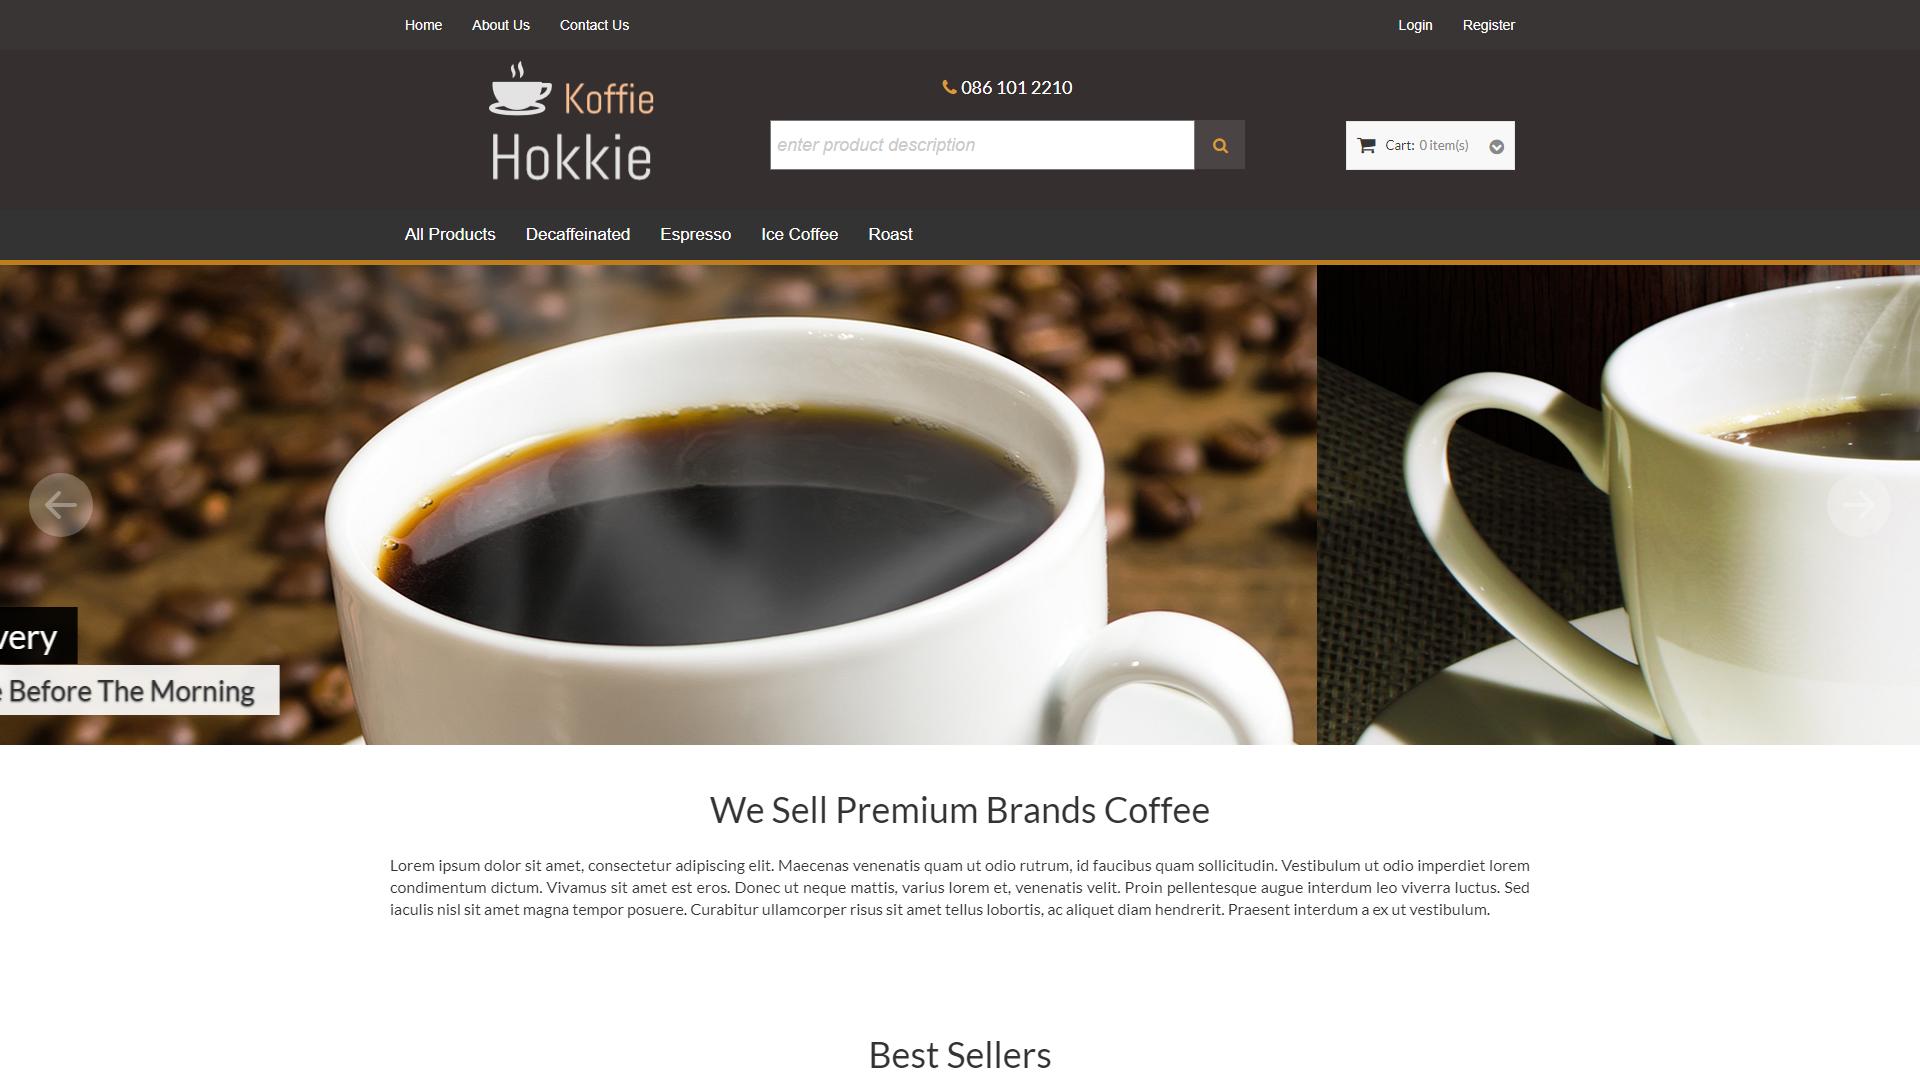 Koffie Hokkie, eSolve eCommerce Template